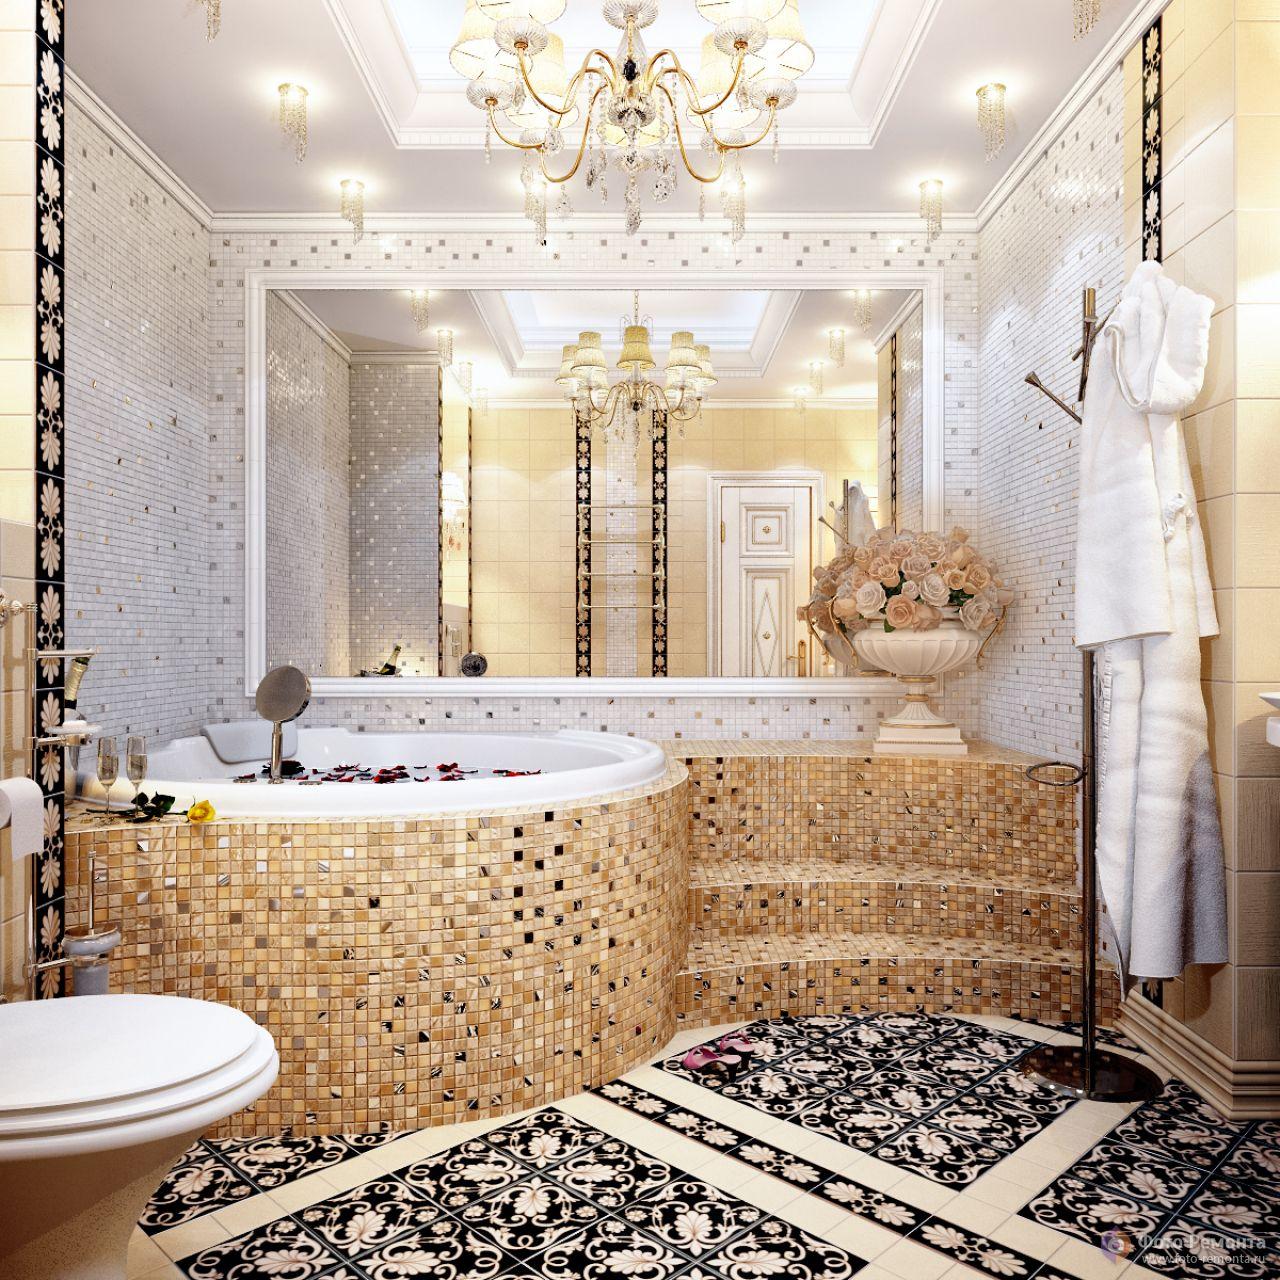 Керамическая плитка и мозаика в дизайне помещений